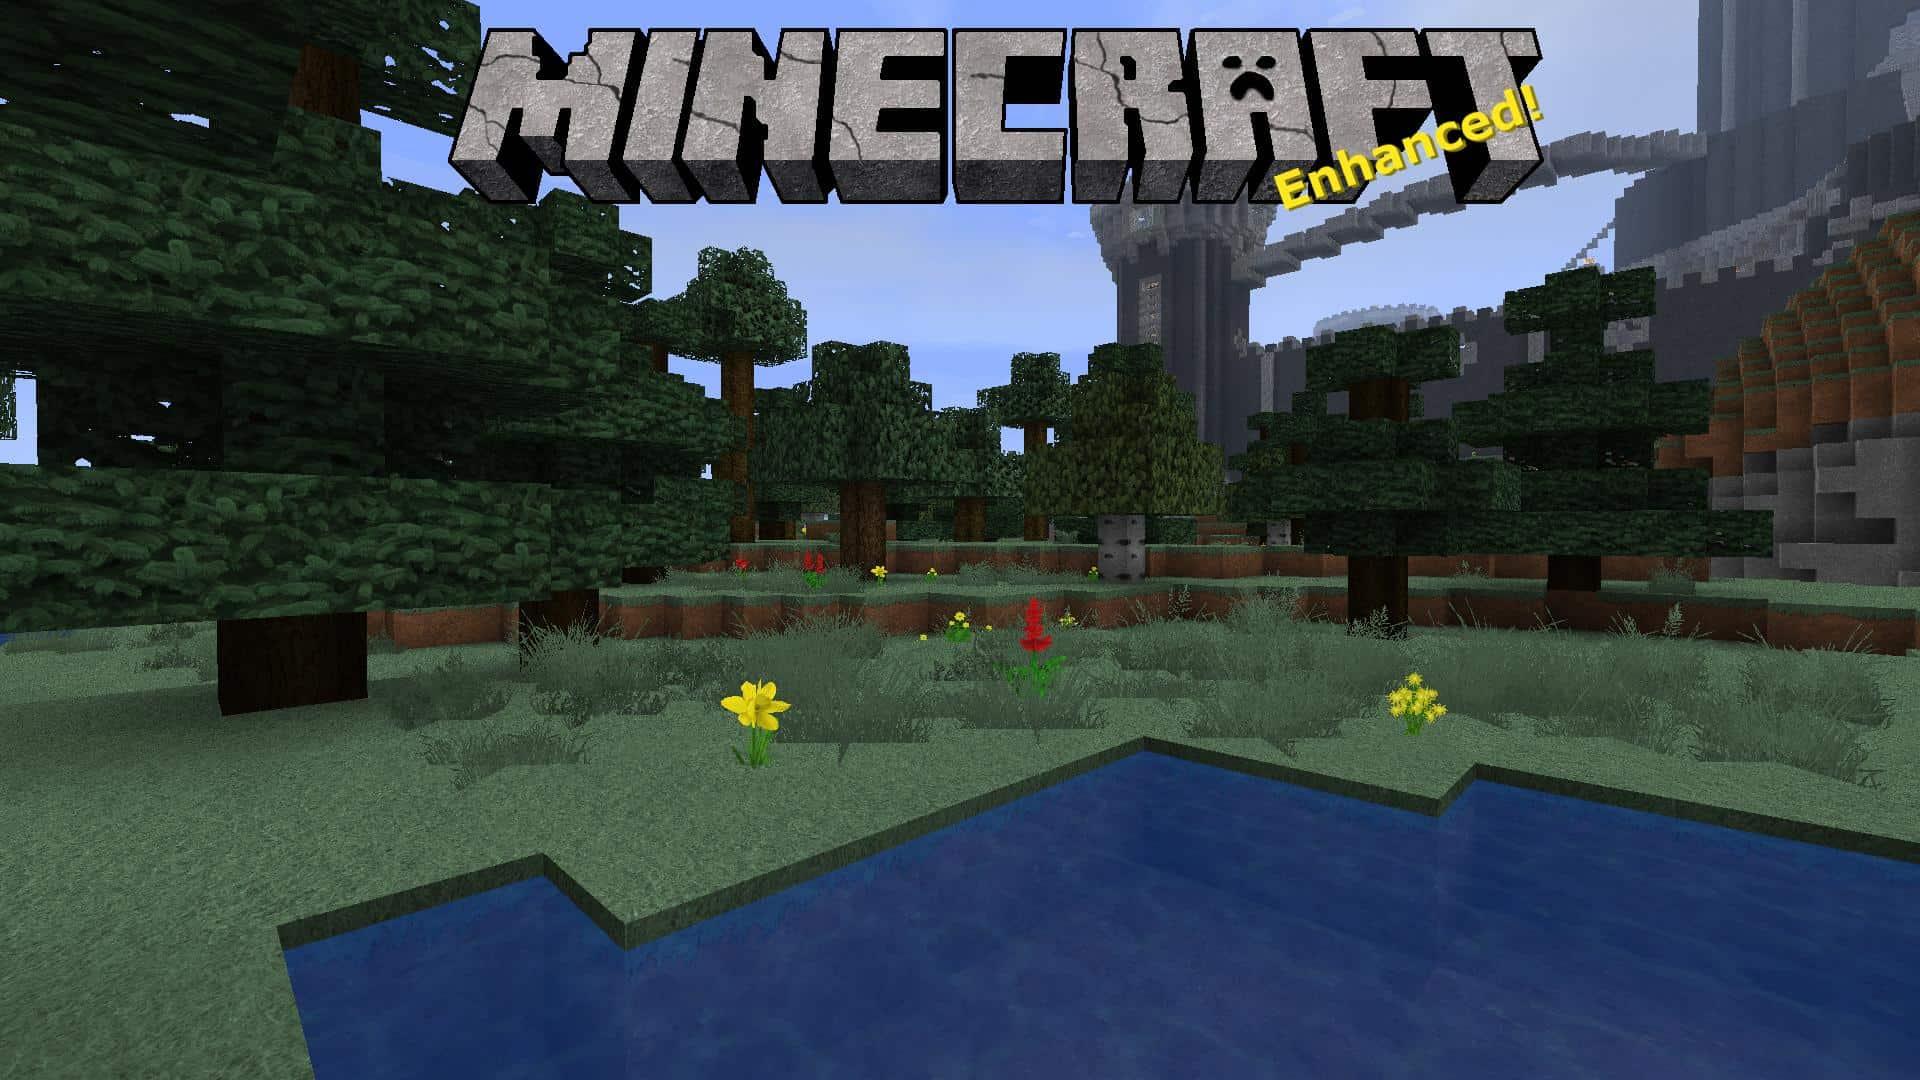 des ressource pack minecraft 1.7.10